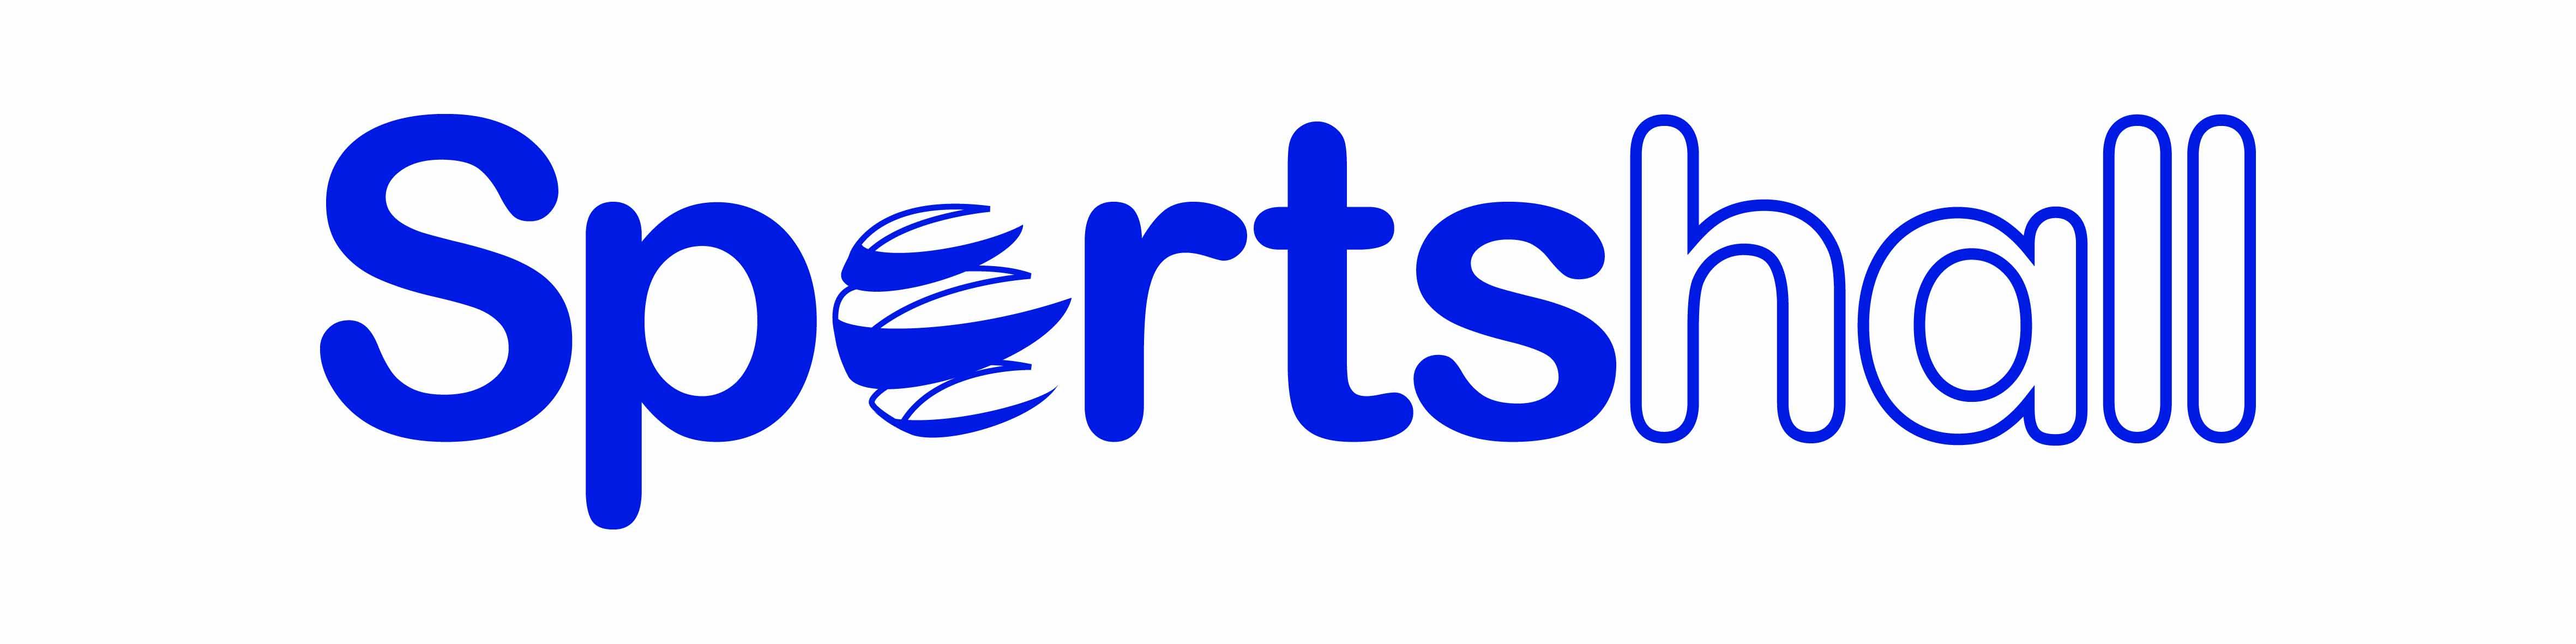 Sportshall logo Lo Res